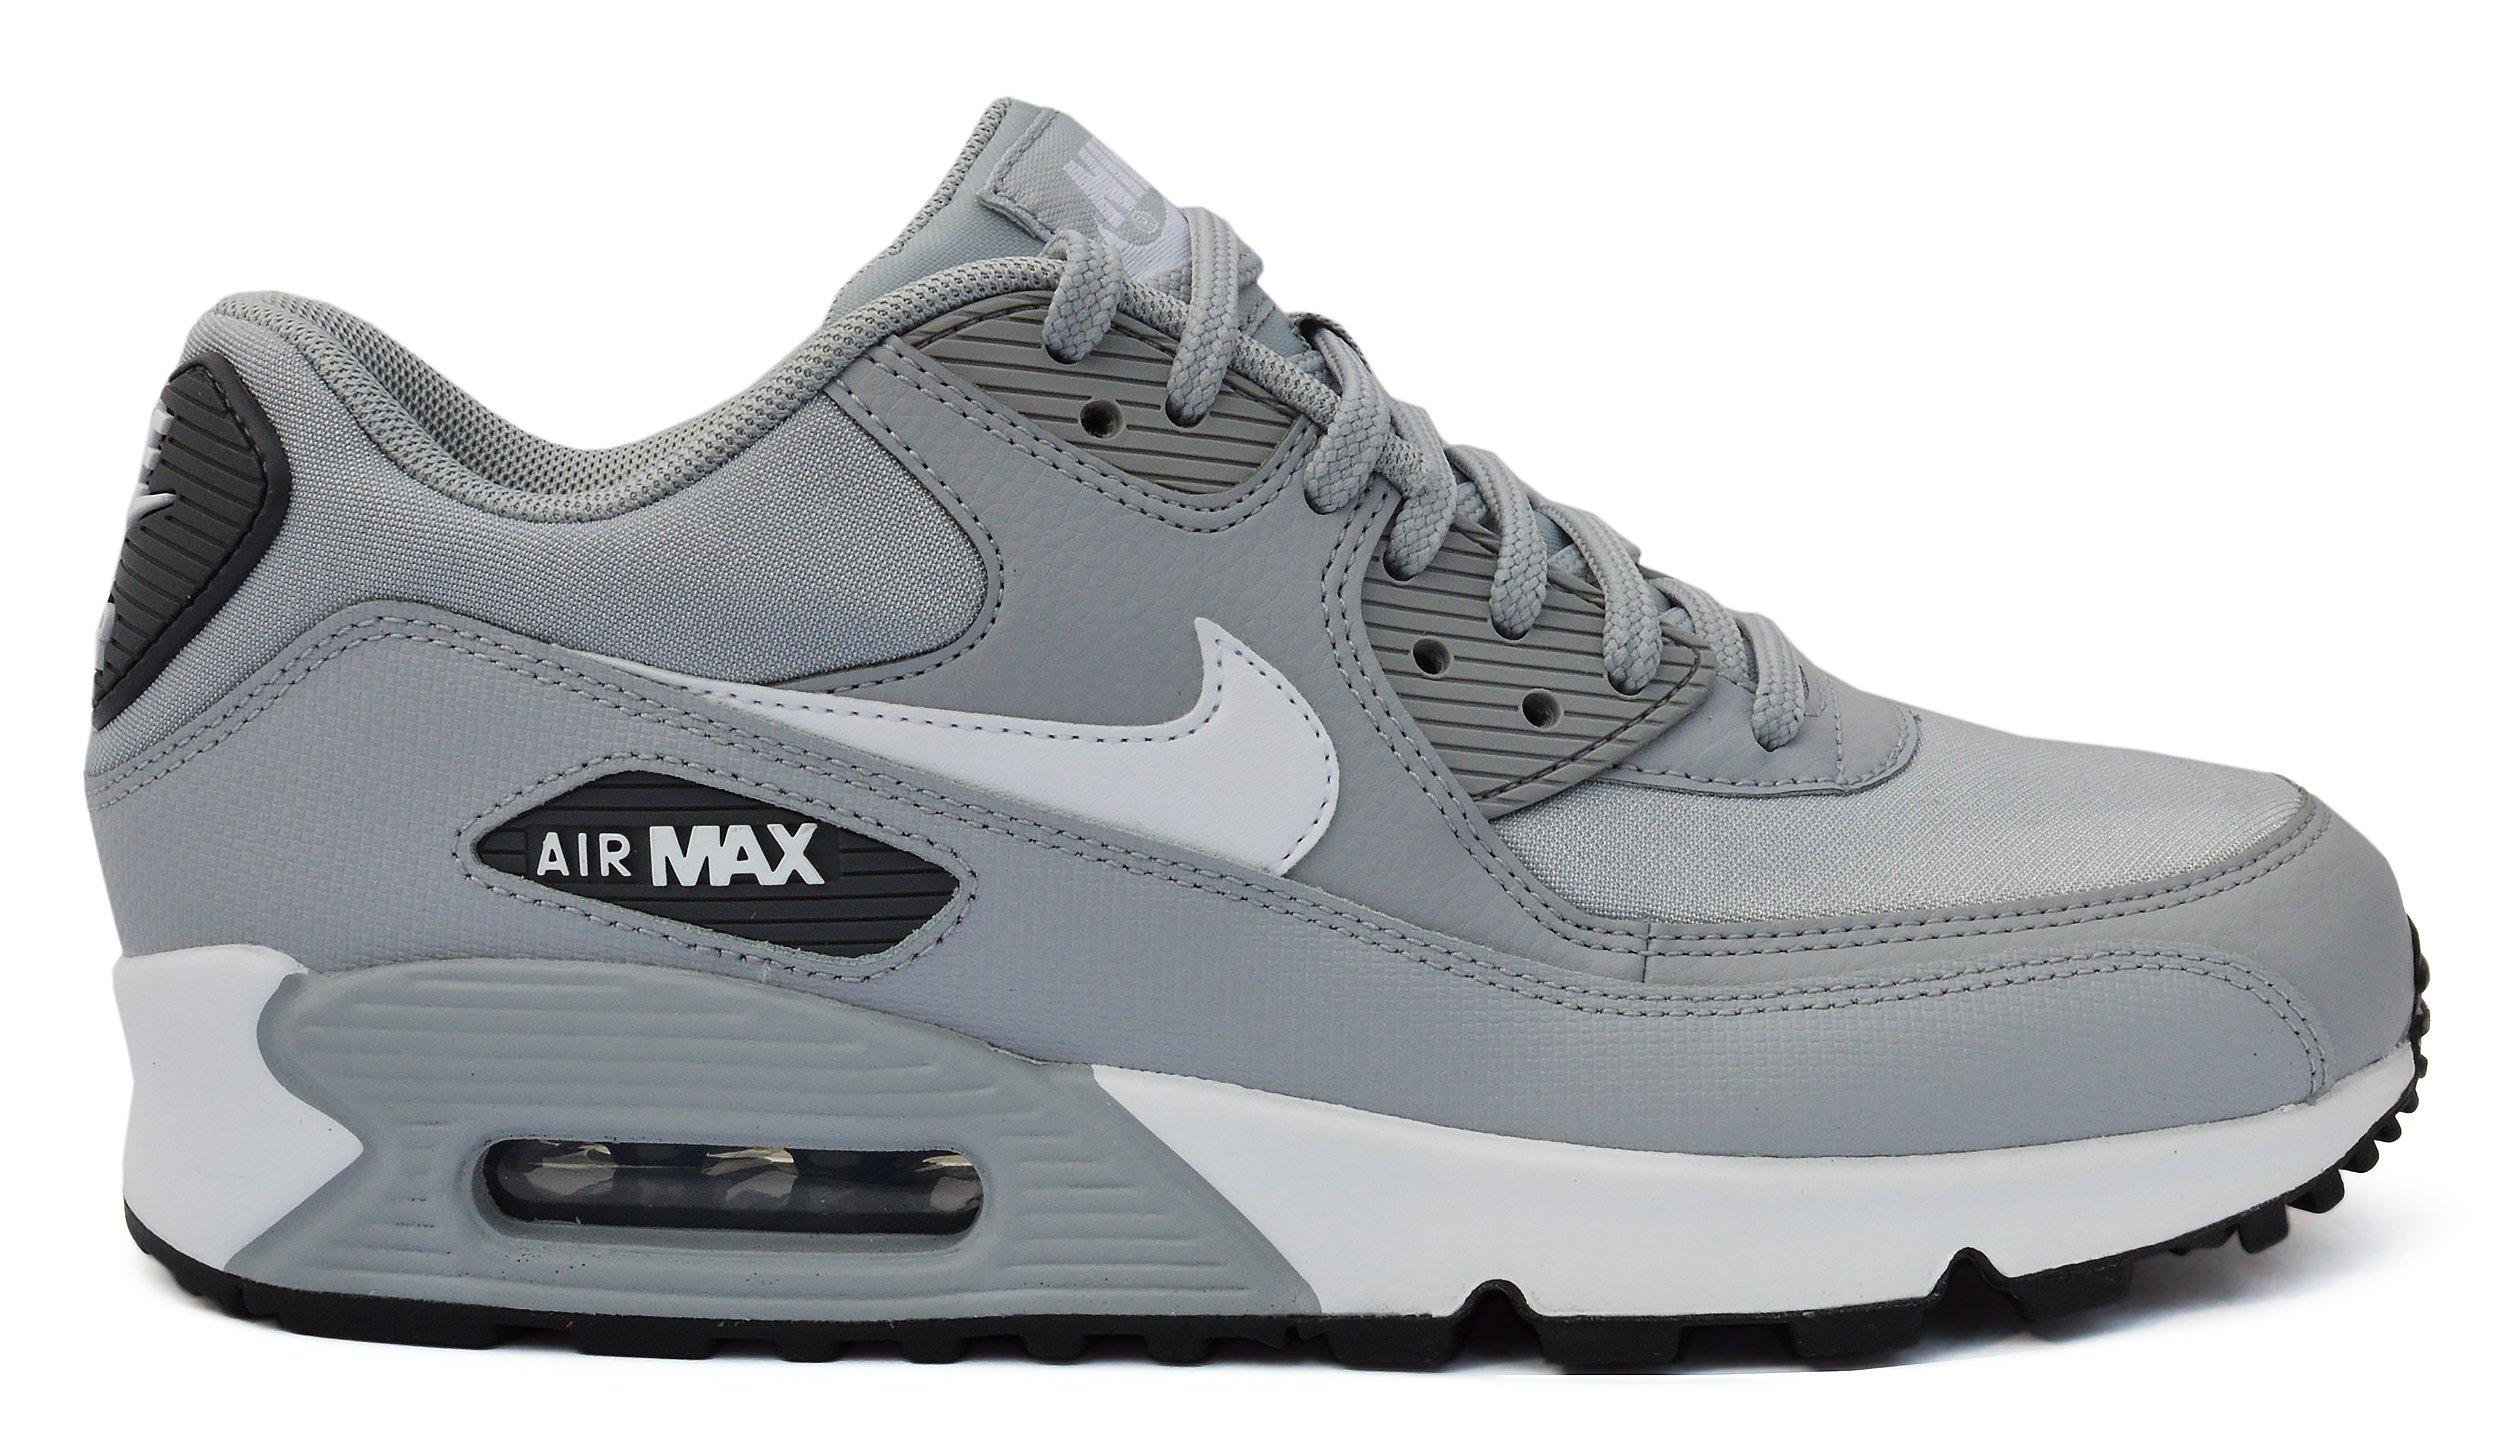 54d6bba4 nike air max 90 damskie Nike Air Max 90 325213-048 Damskie r. 38